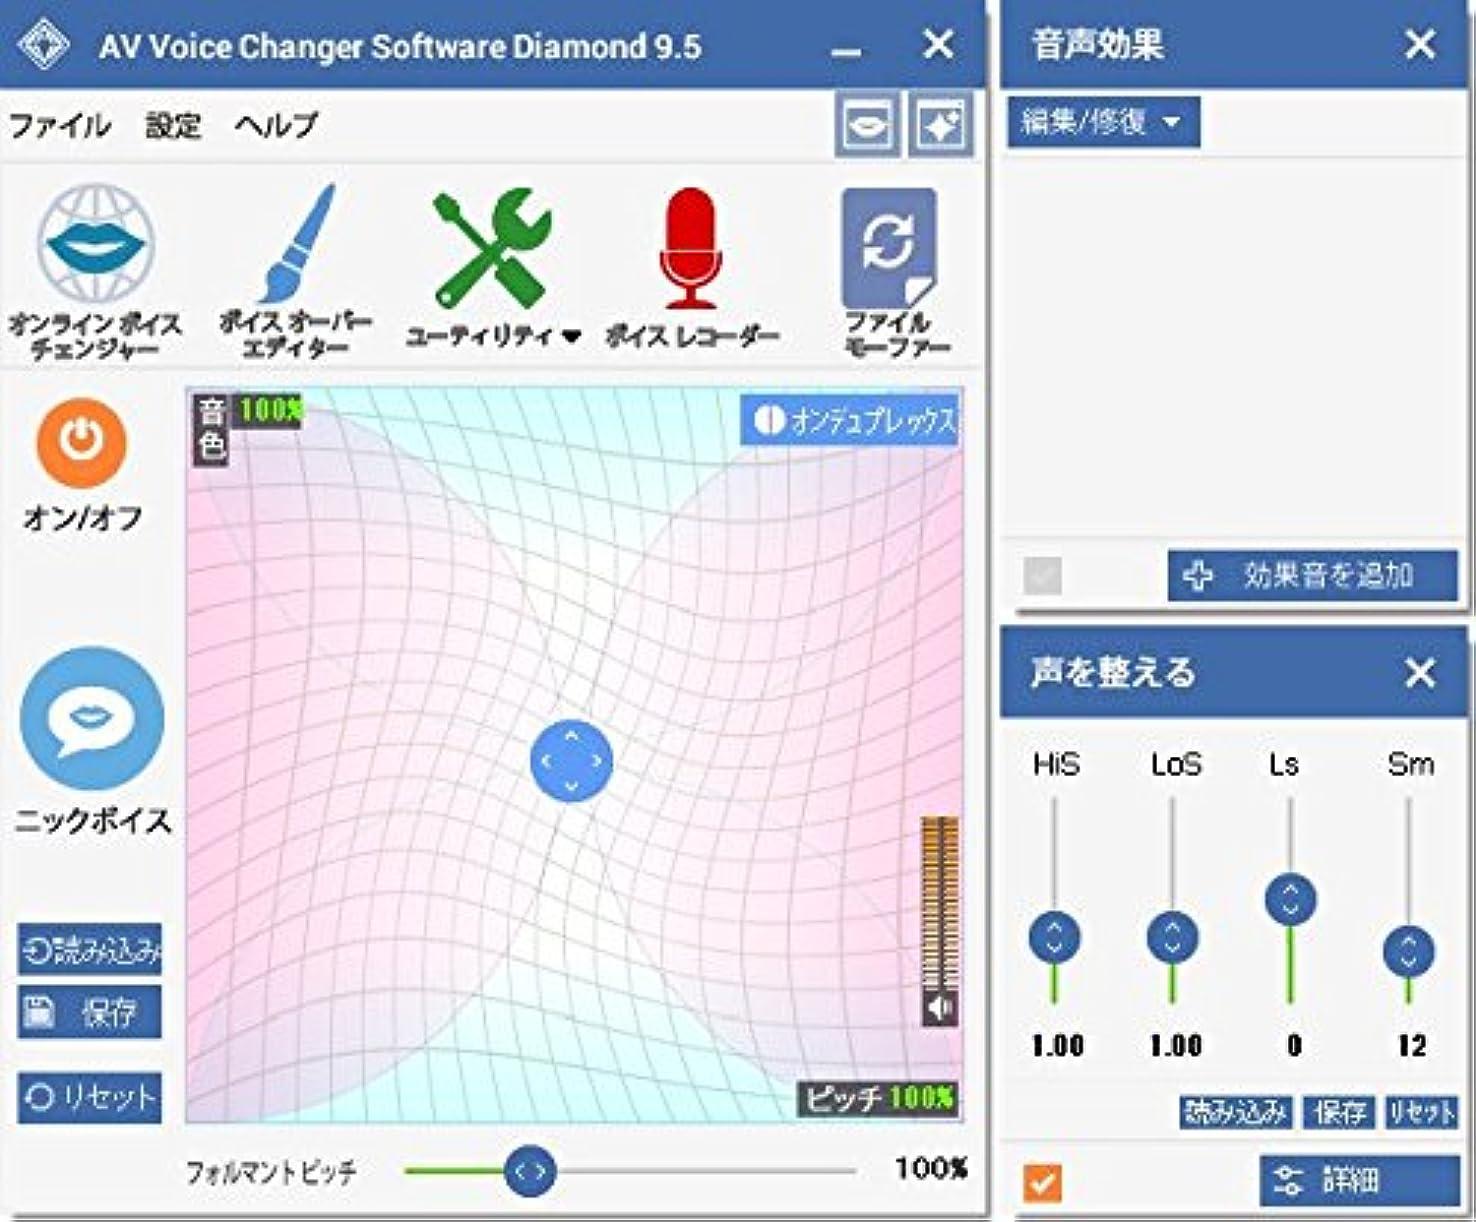 もろい鉛筆文芸AV Voice Changer Software Diamond Edition v.9.5.4(最新) ダウンロード版